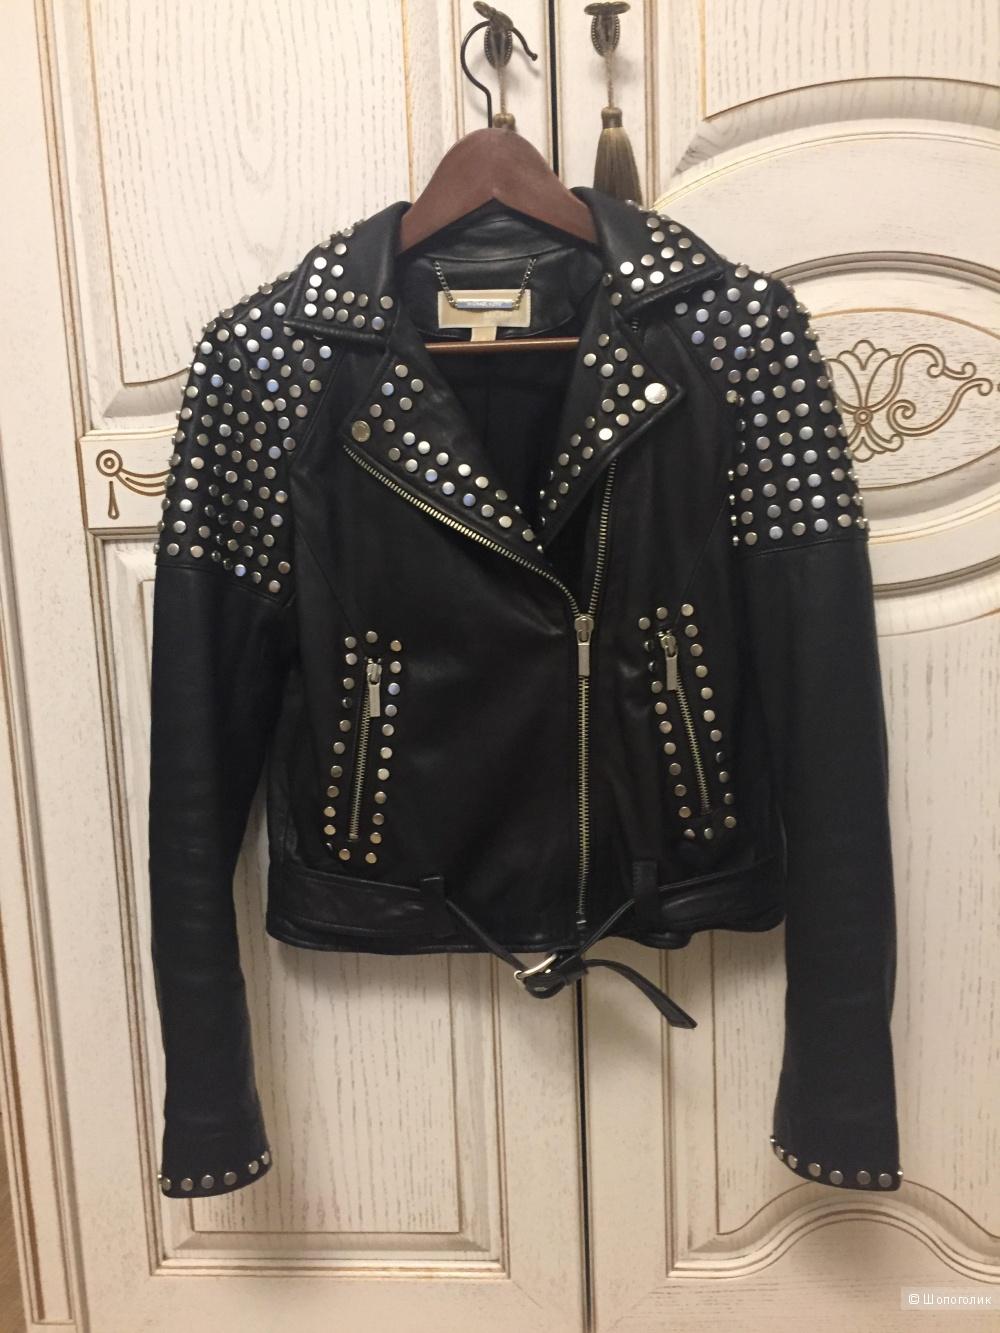 Кожаная куртка Michael Kors. Размер S. Оригинал.